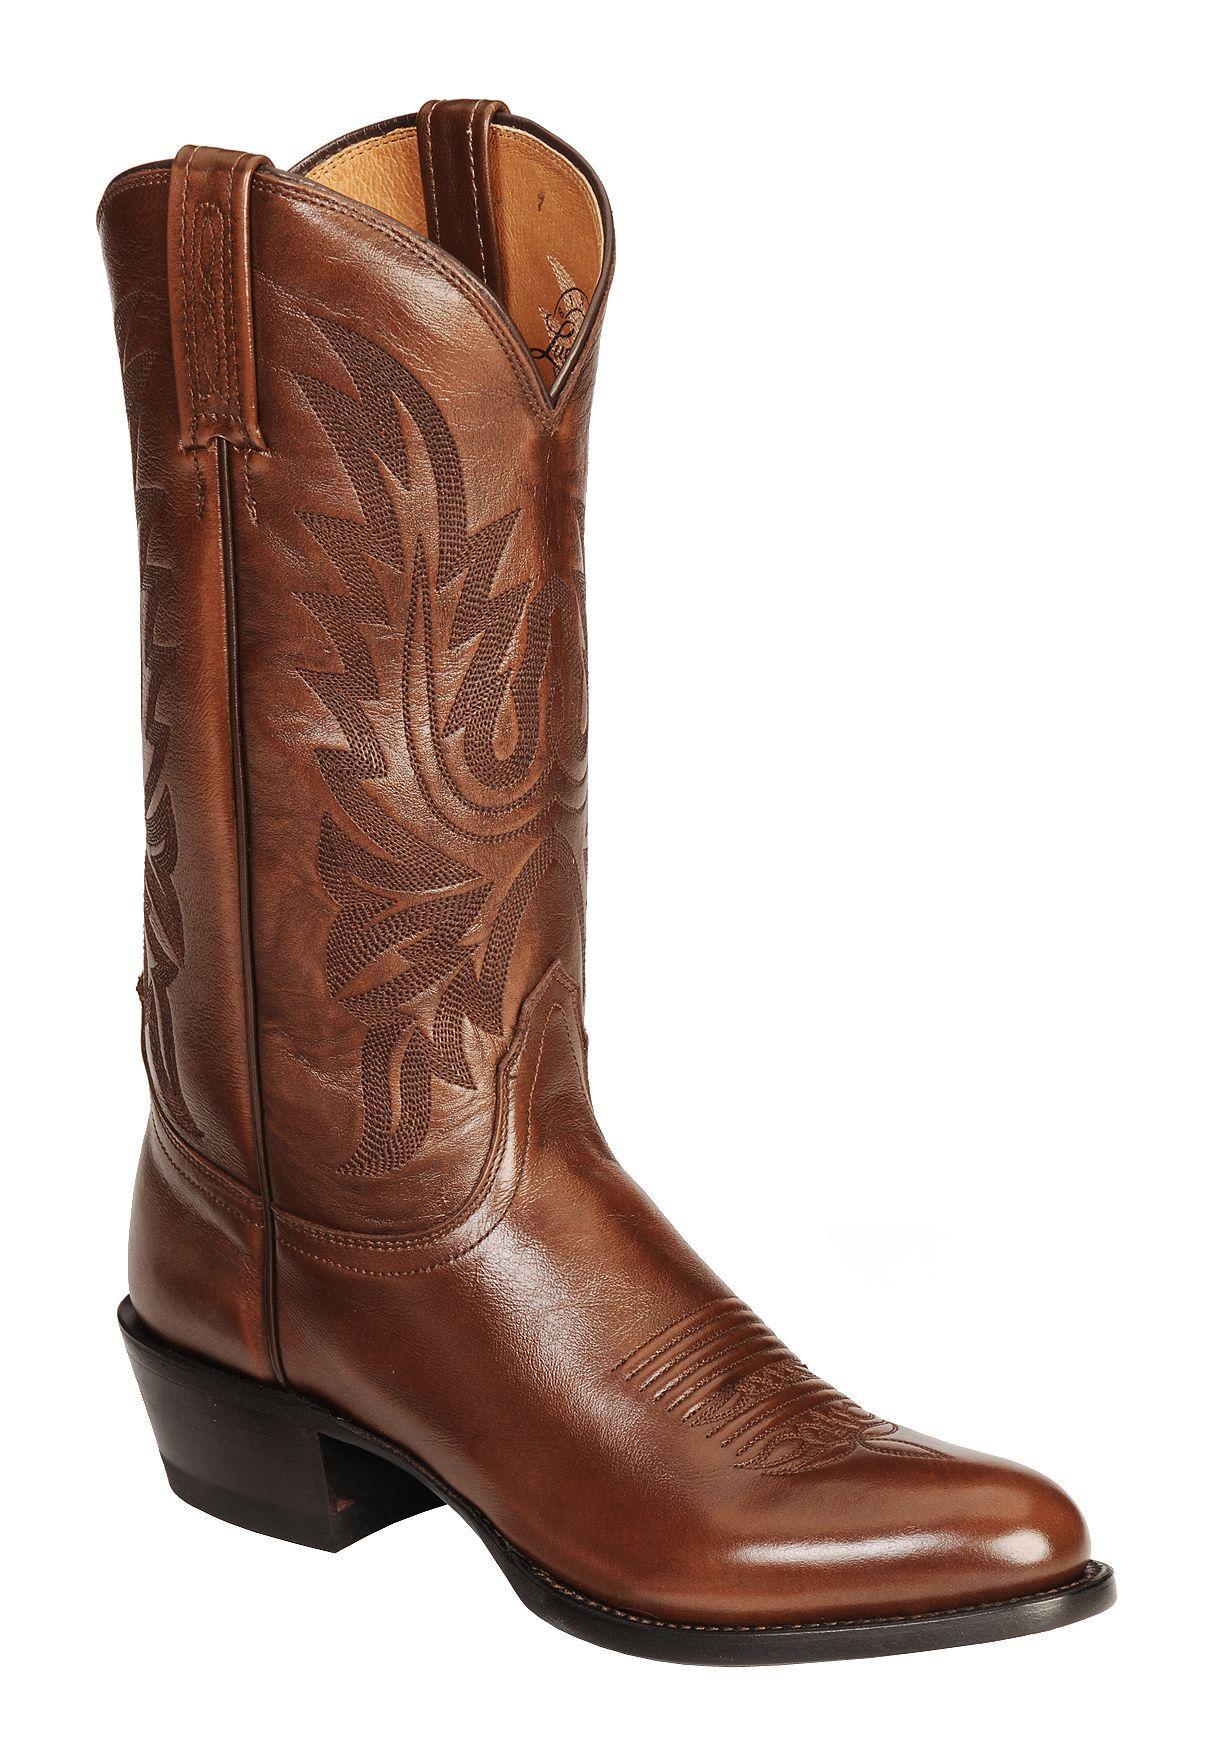 boot dress